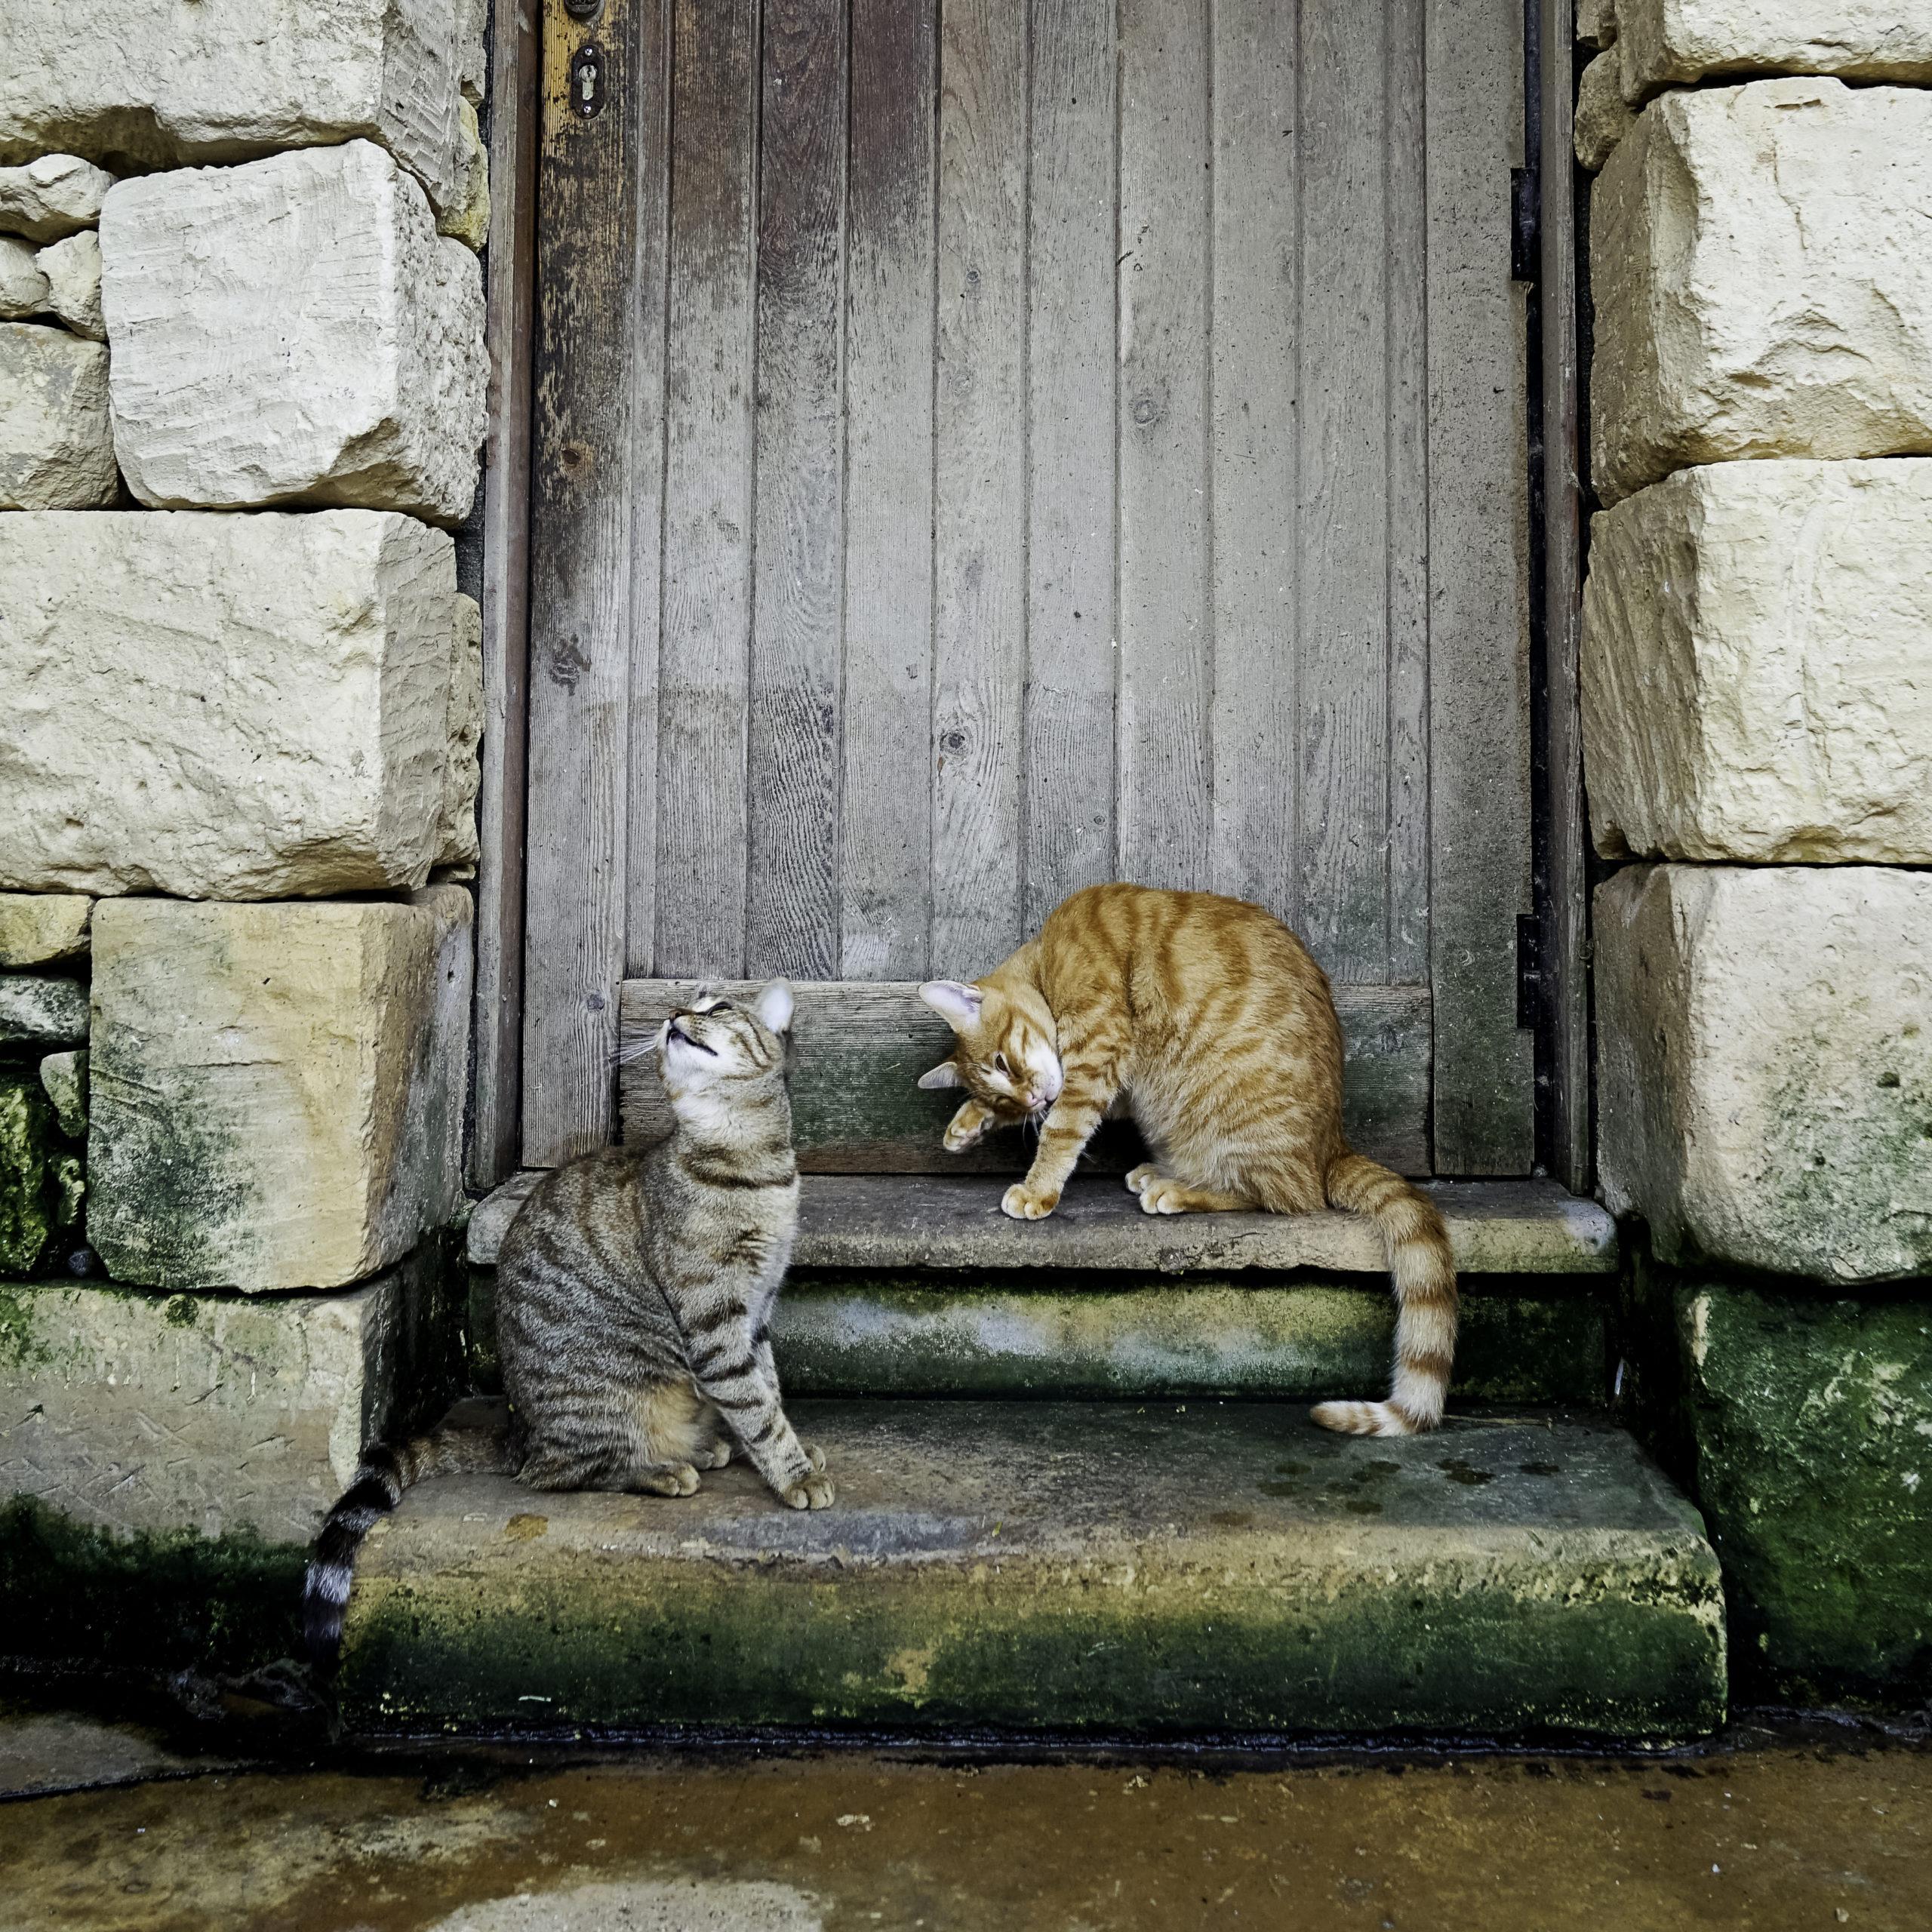 ネコが玄関で待っている3つの理由【実は意外な理由でした】